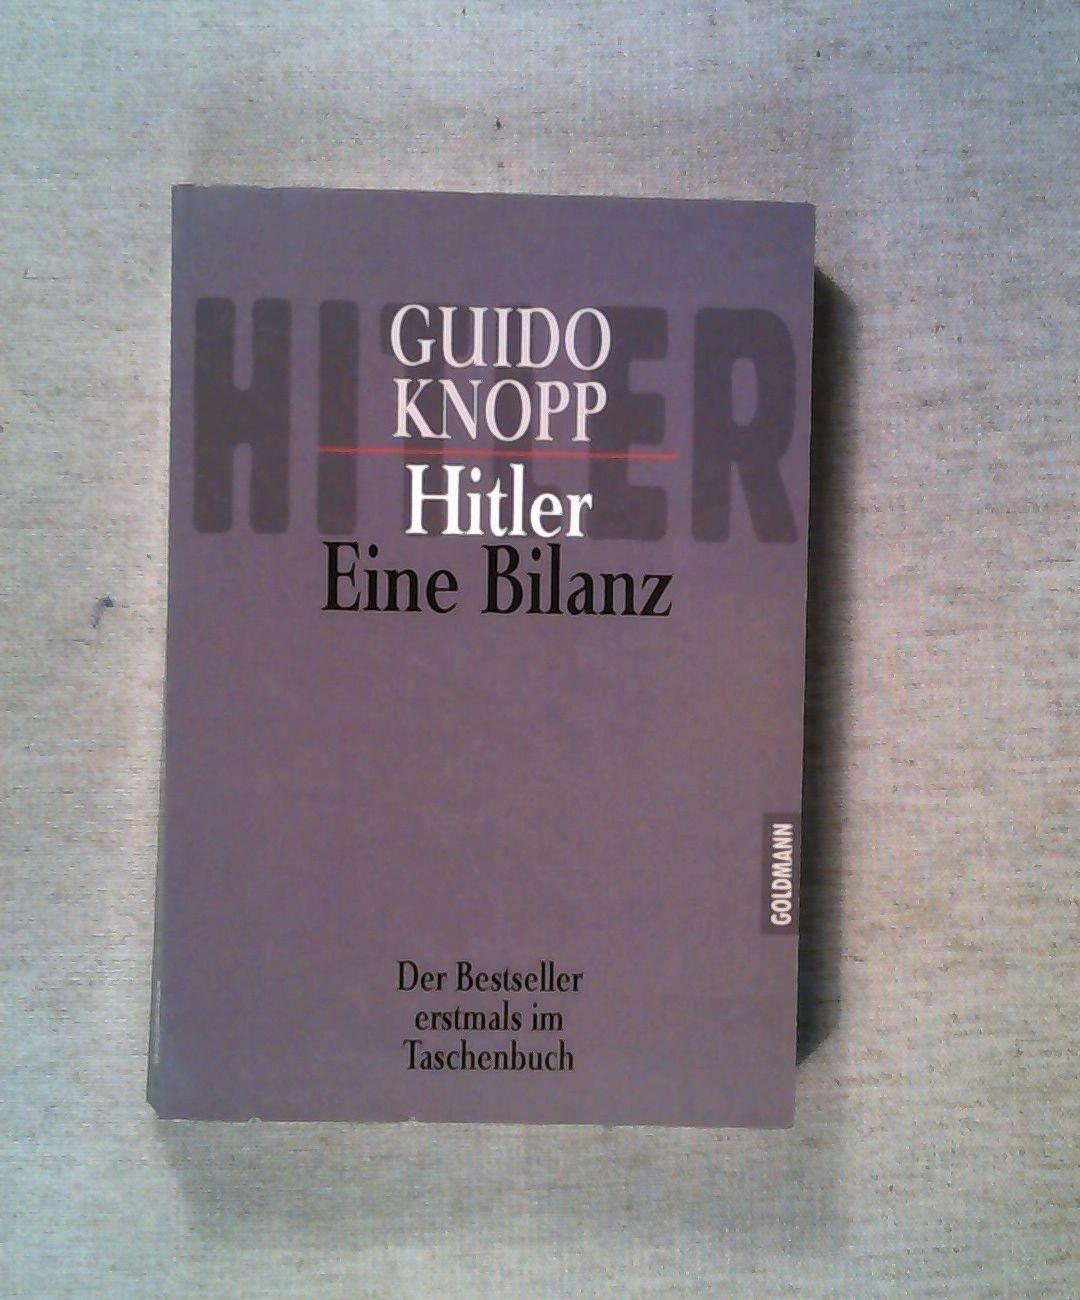 Hitler - Eine Bilanz: Der Bestseller erstmals im Taschenbuch